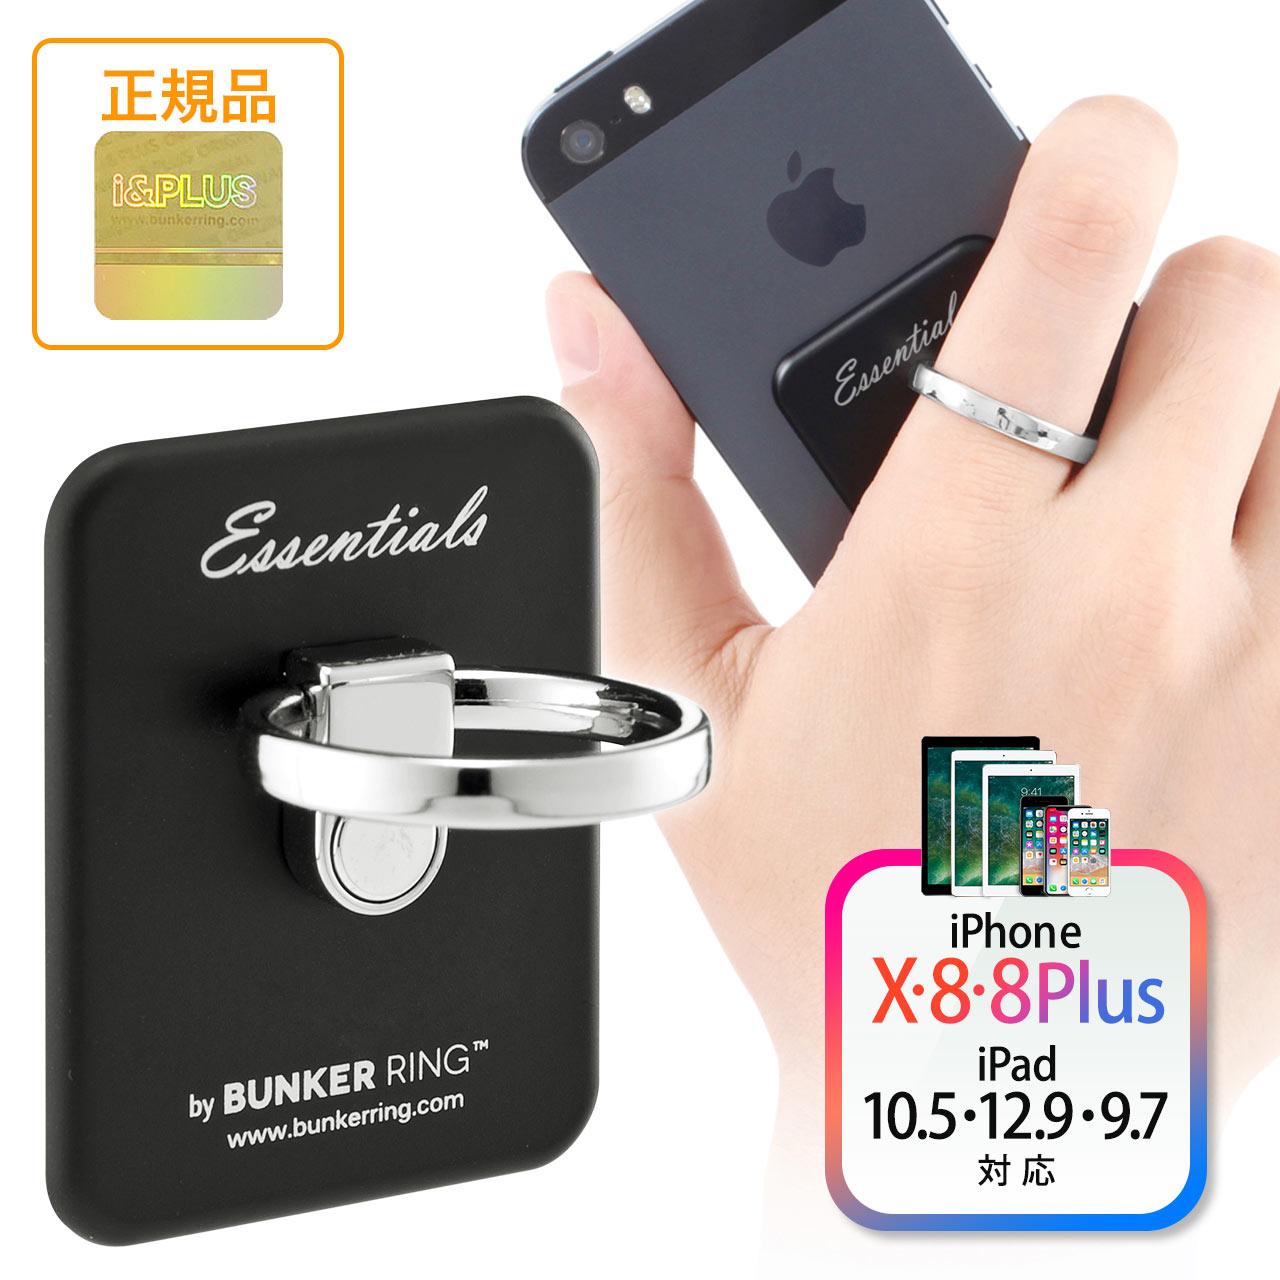 バンカーリング3(iPhone・iPad対応・Essential・正規品・ブラック)【ネコポス送料無料】 サンワダイレクト サンワサプライ 200-IPP017BK